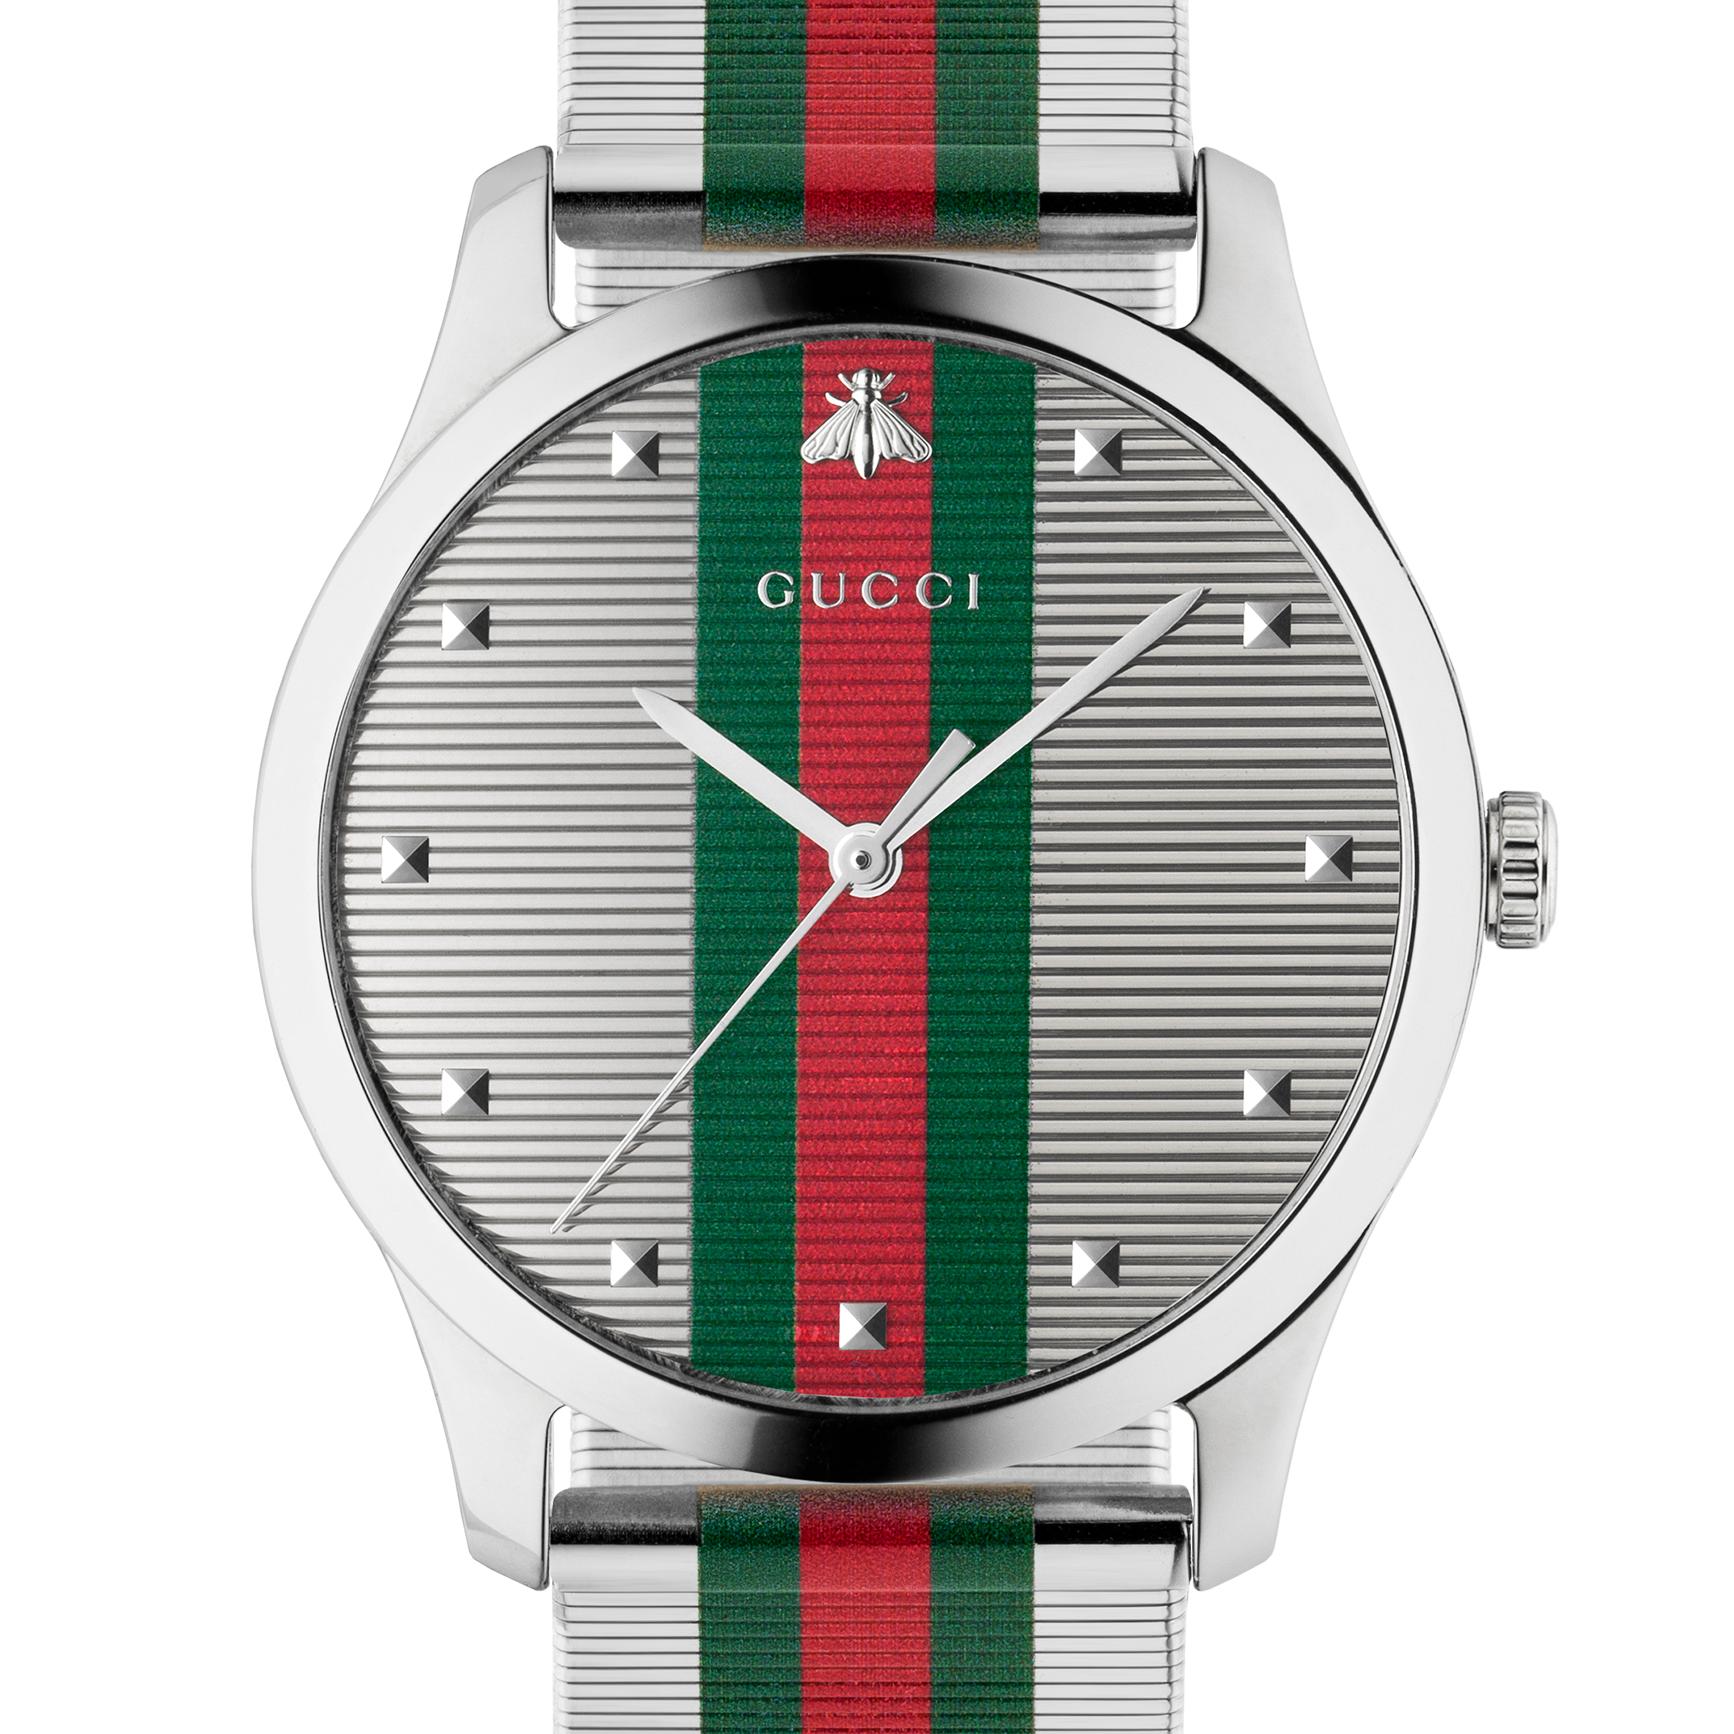 <p>盛夏奢華─Gucci 2019 腕錶系列新篇章</p>